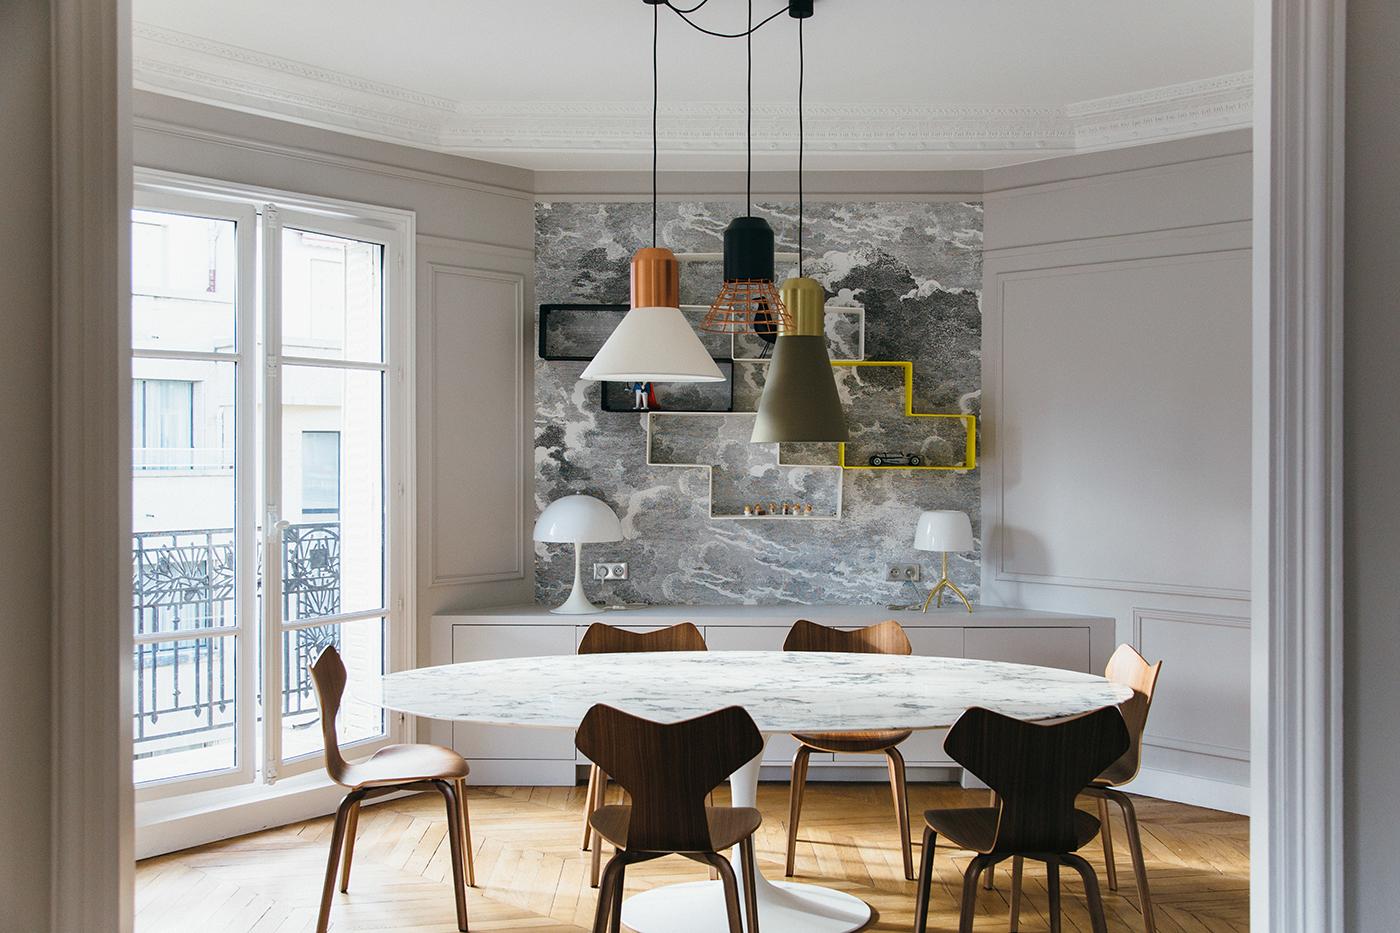 Reinventare un appartamento classico a parigi for Interni parigini